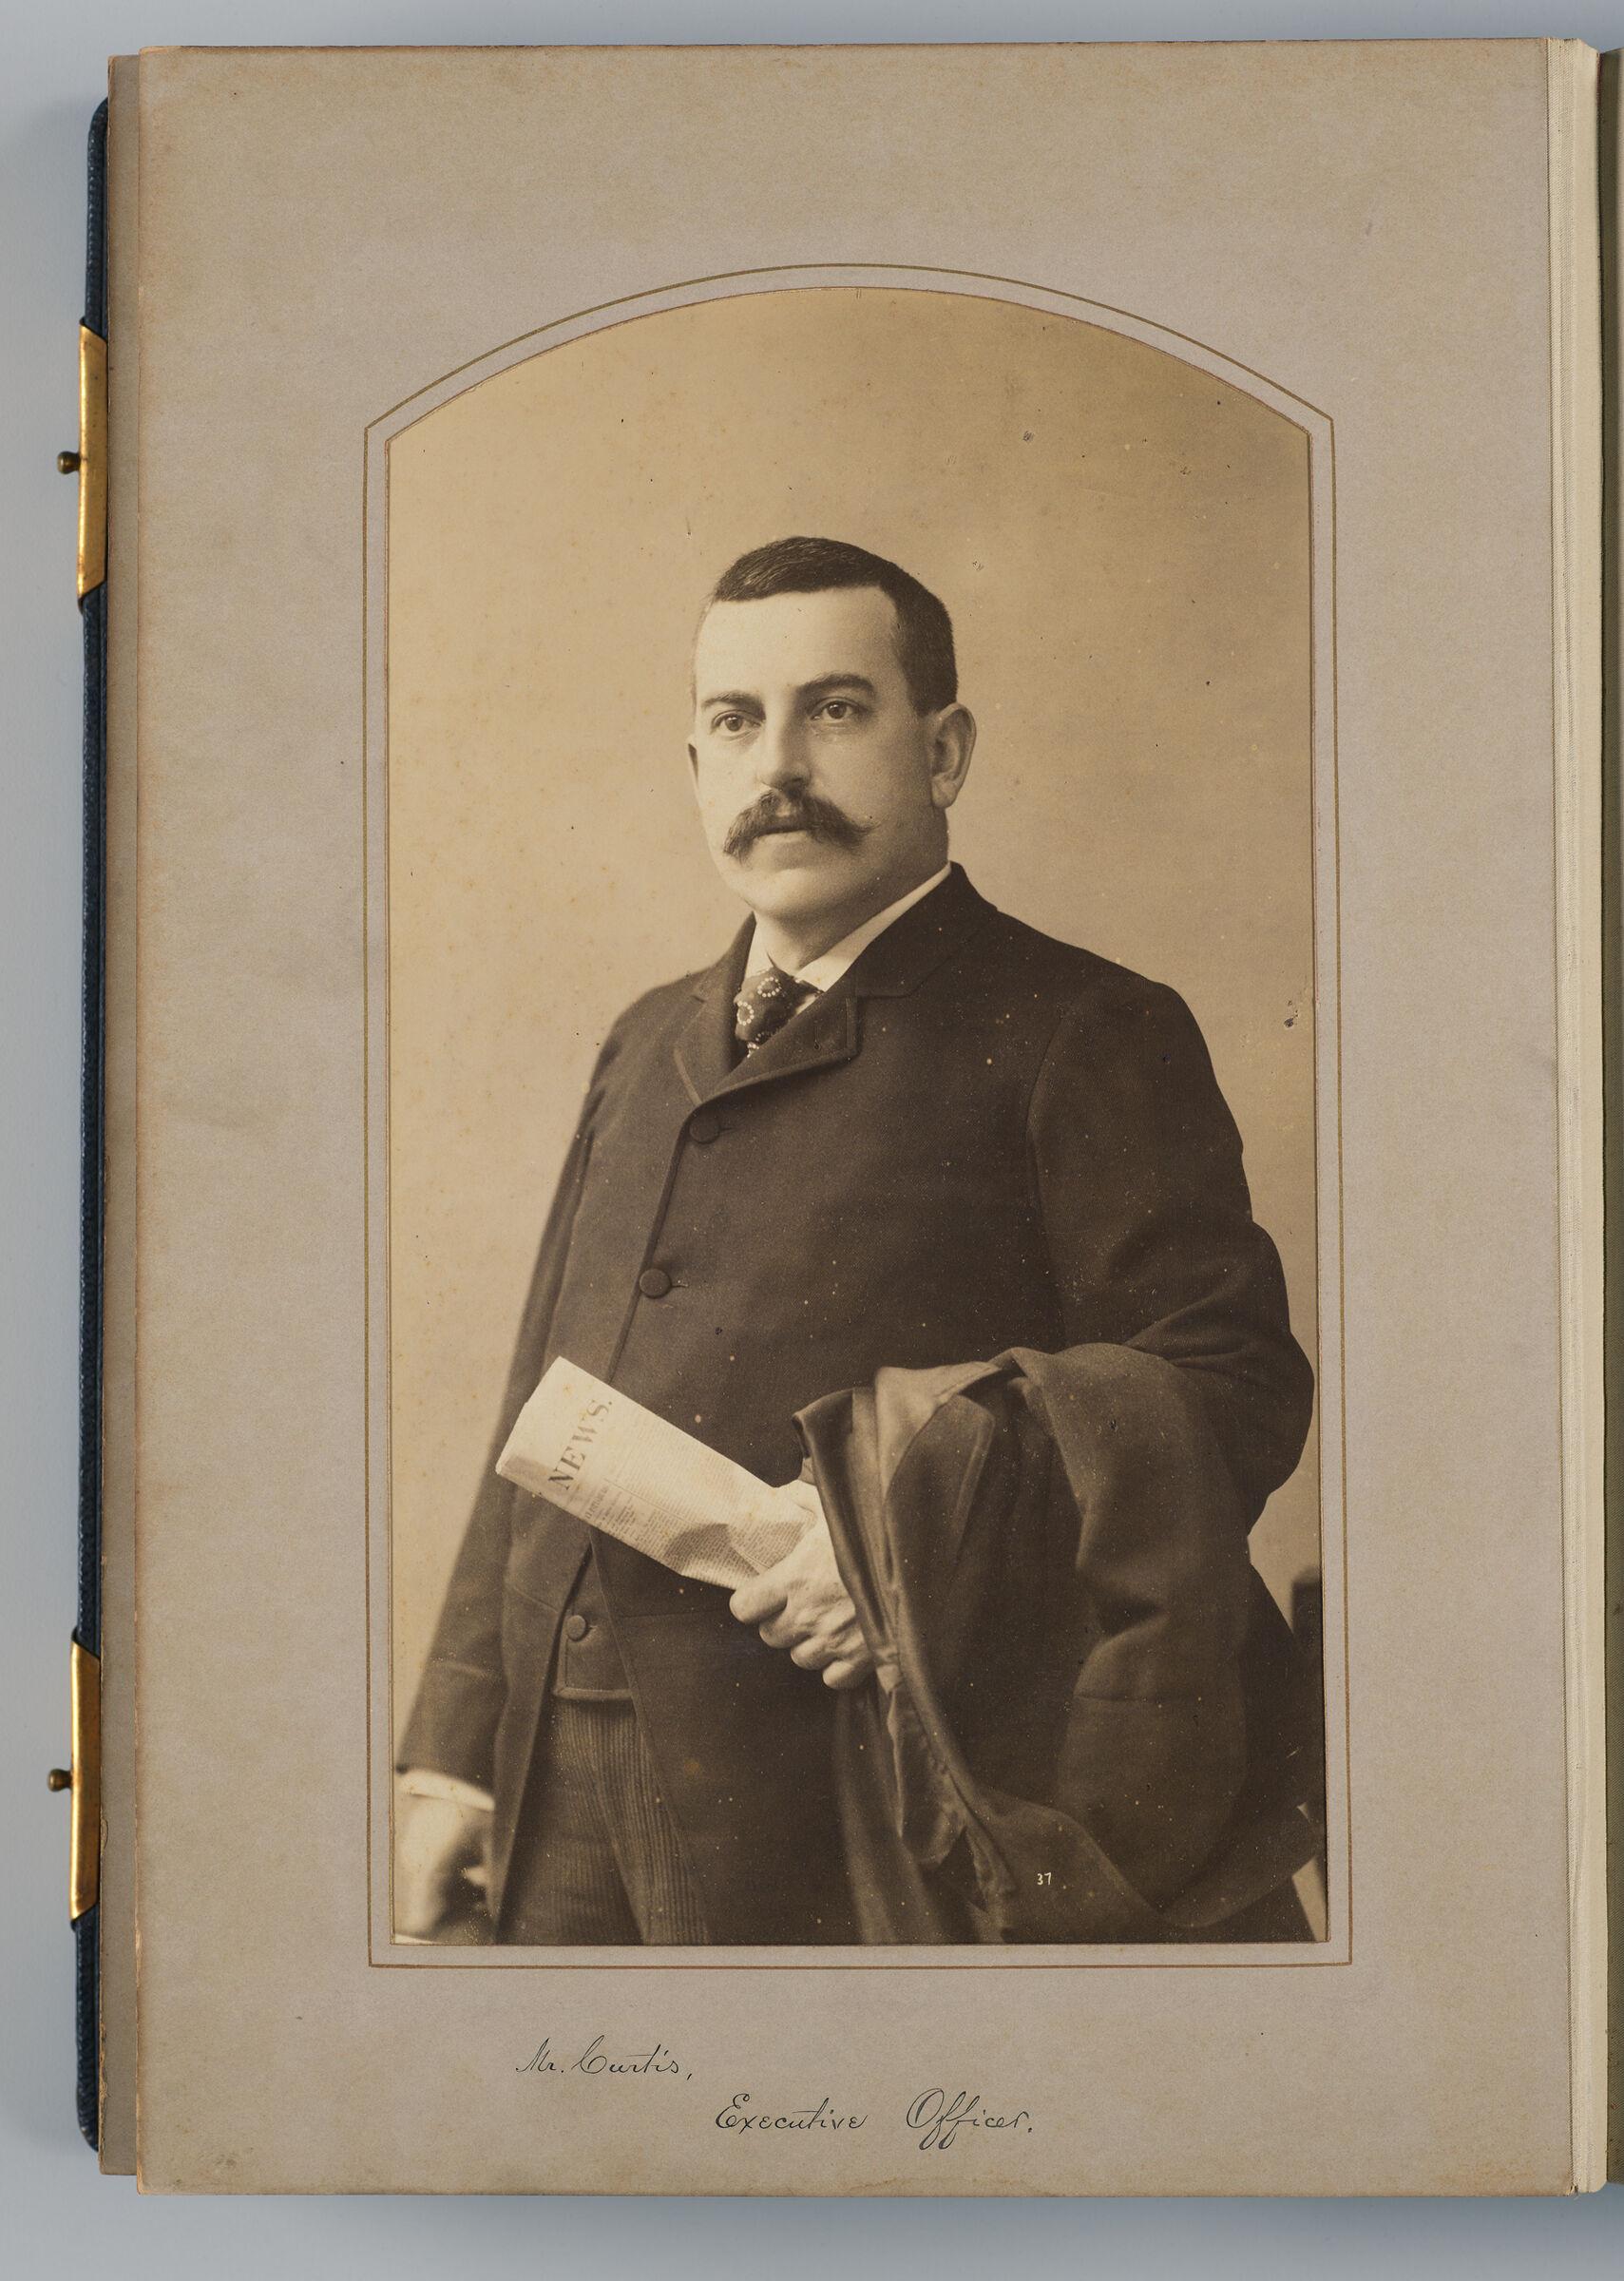 William E. Curtis (Executive Officer)